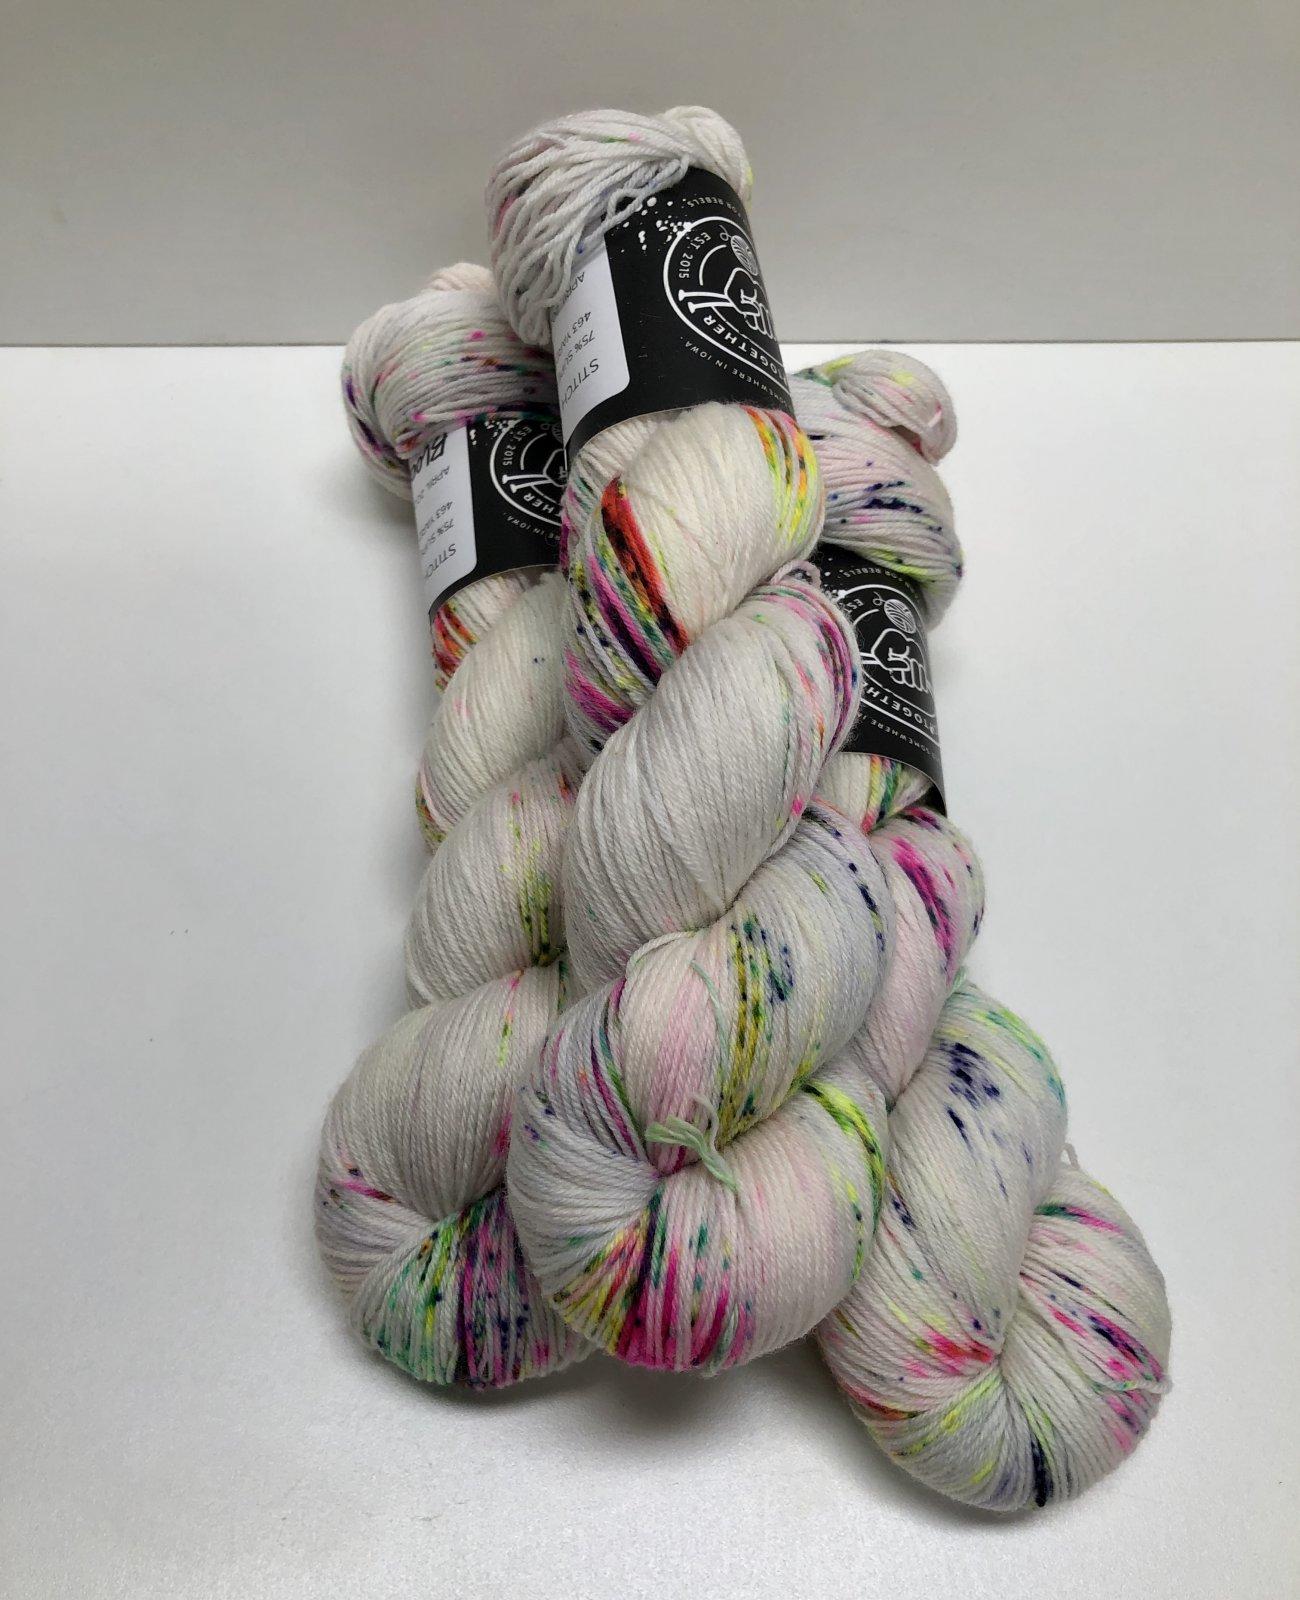 Stitch Together Smooth Sock Yarn